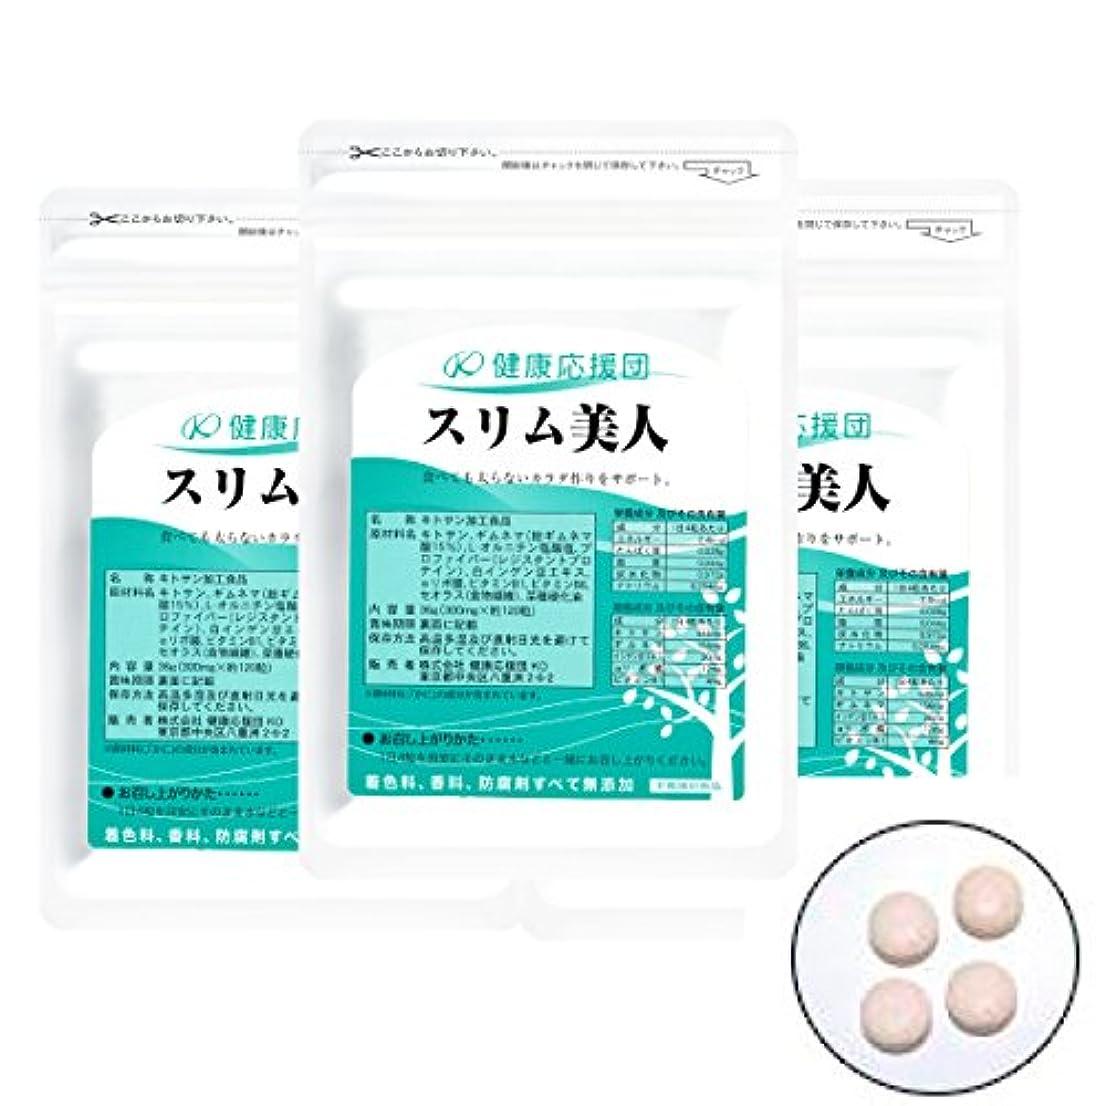 ユーザー胸野菜スリム美人 3袋360粒 (αリポ酸?白インゲン豆エキス?オルニチンプラス)